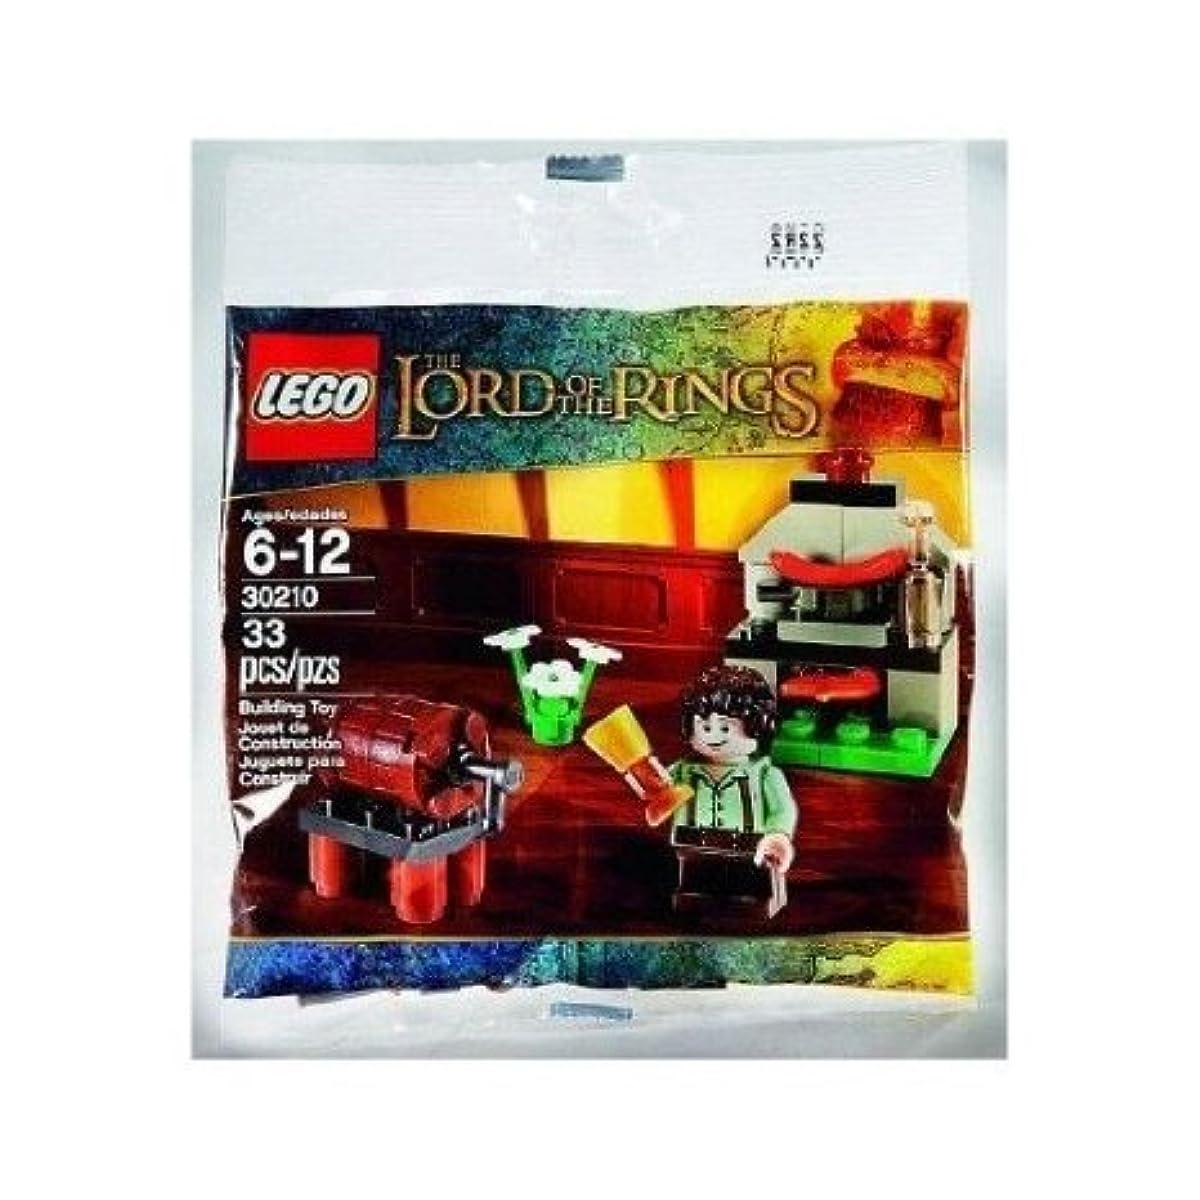 [해외] LEGO (레고) LORD OF THE RINGS (로드 오브 더 링) FRODOS COOKING CORNER (30210) 블럭 장난감 (병행수입)